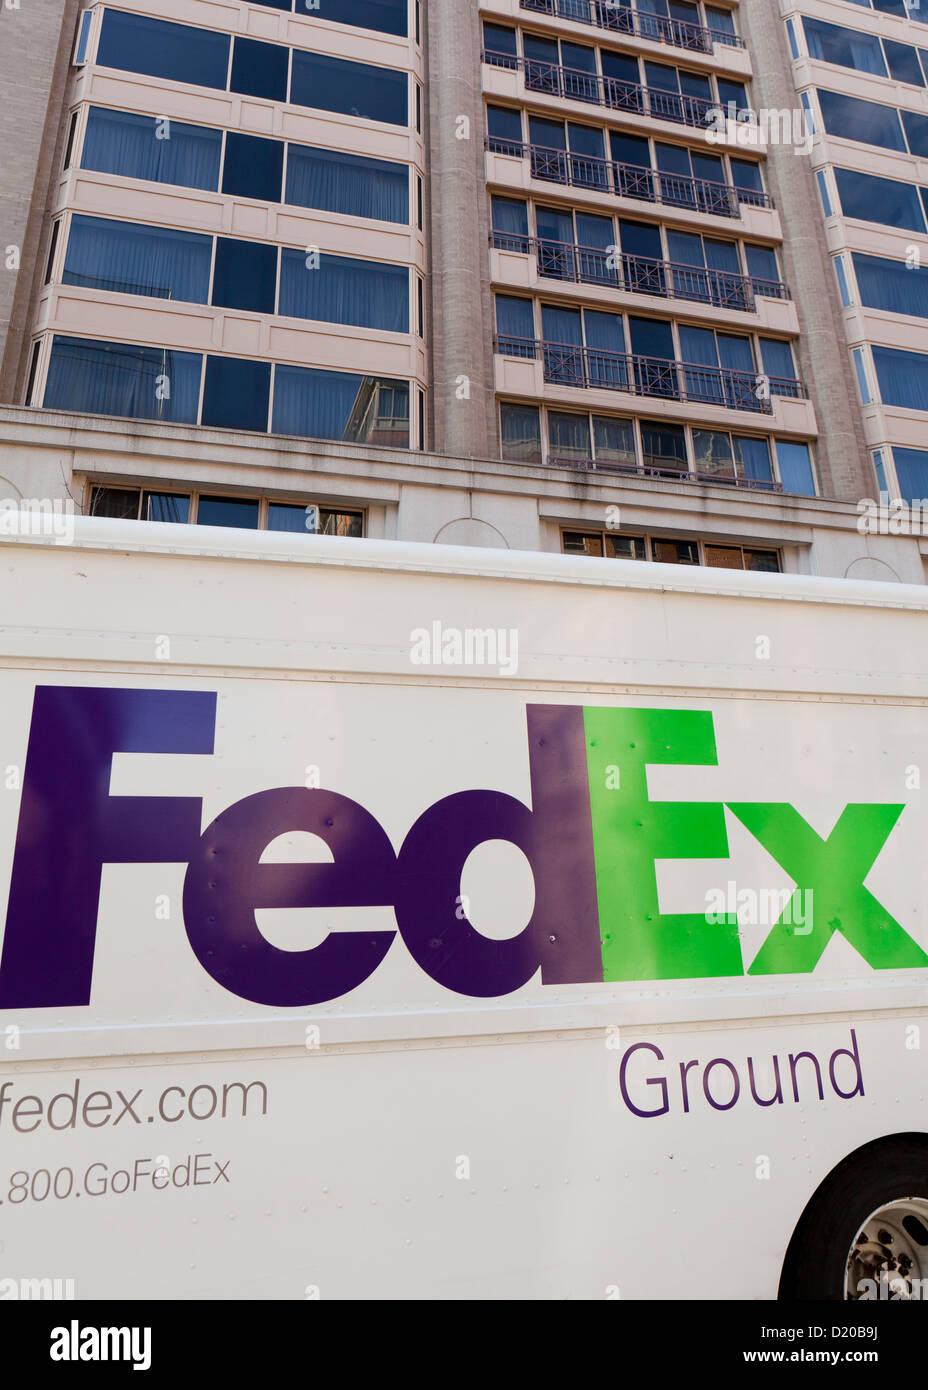 FedEx Ground Lieferwagen vor Büroturm Stockbild